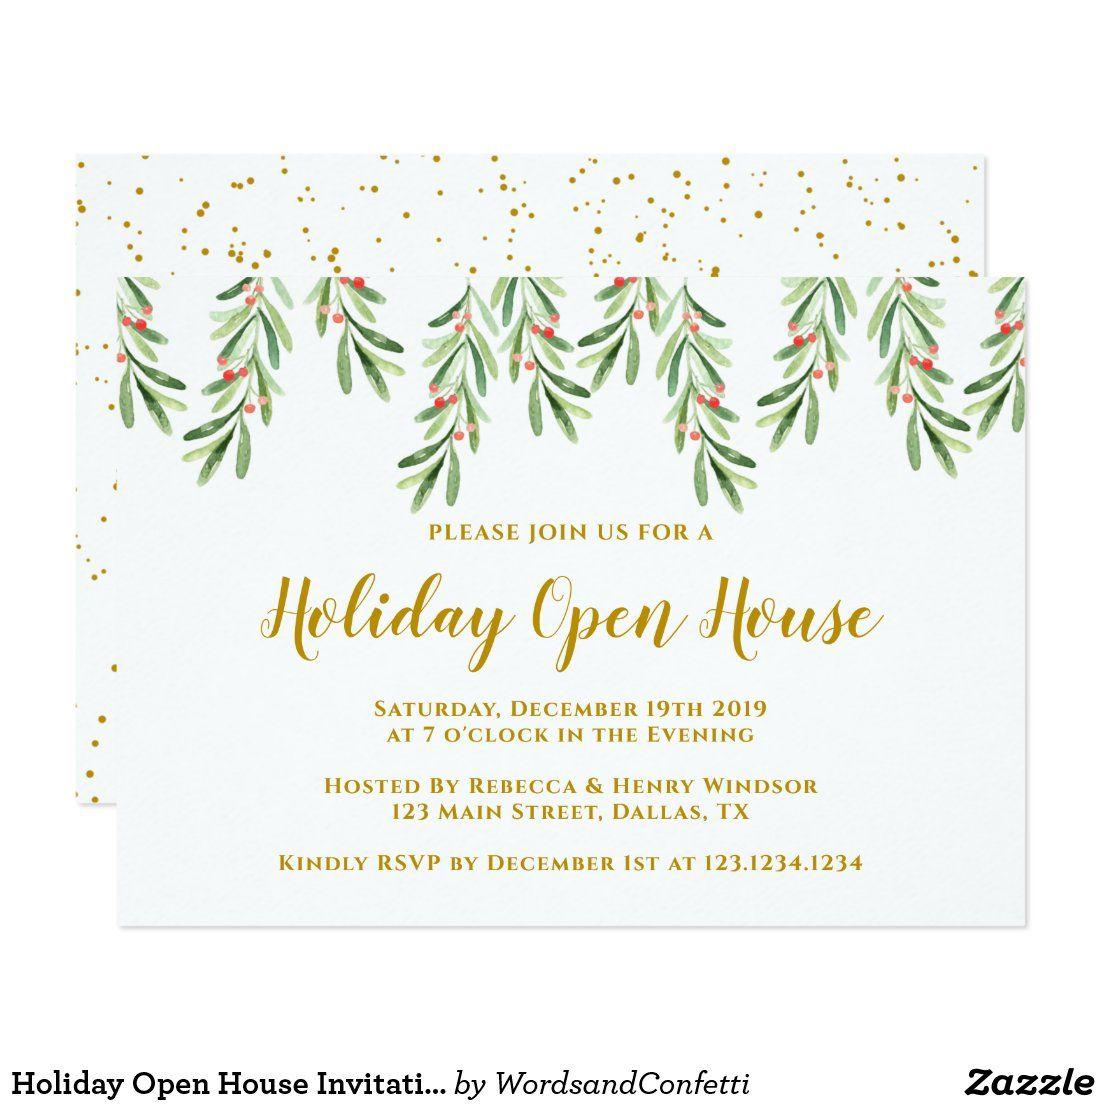 Holiday Open House Invitation Holiday Invites Ad Holiday Open House Invitations Holiday Invitations Open House Invitation